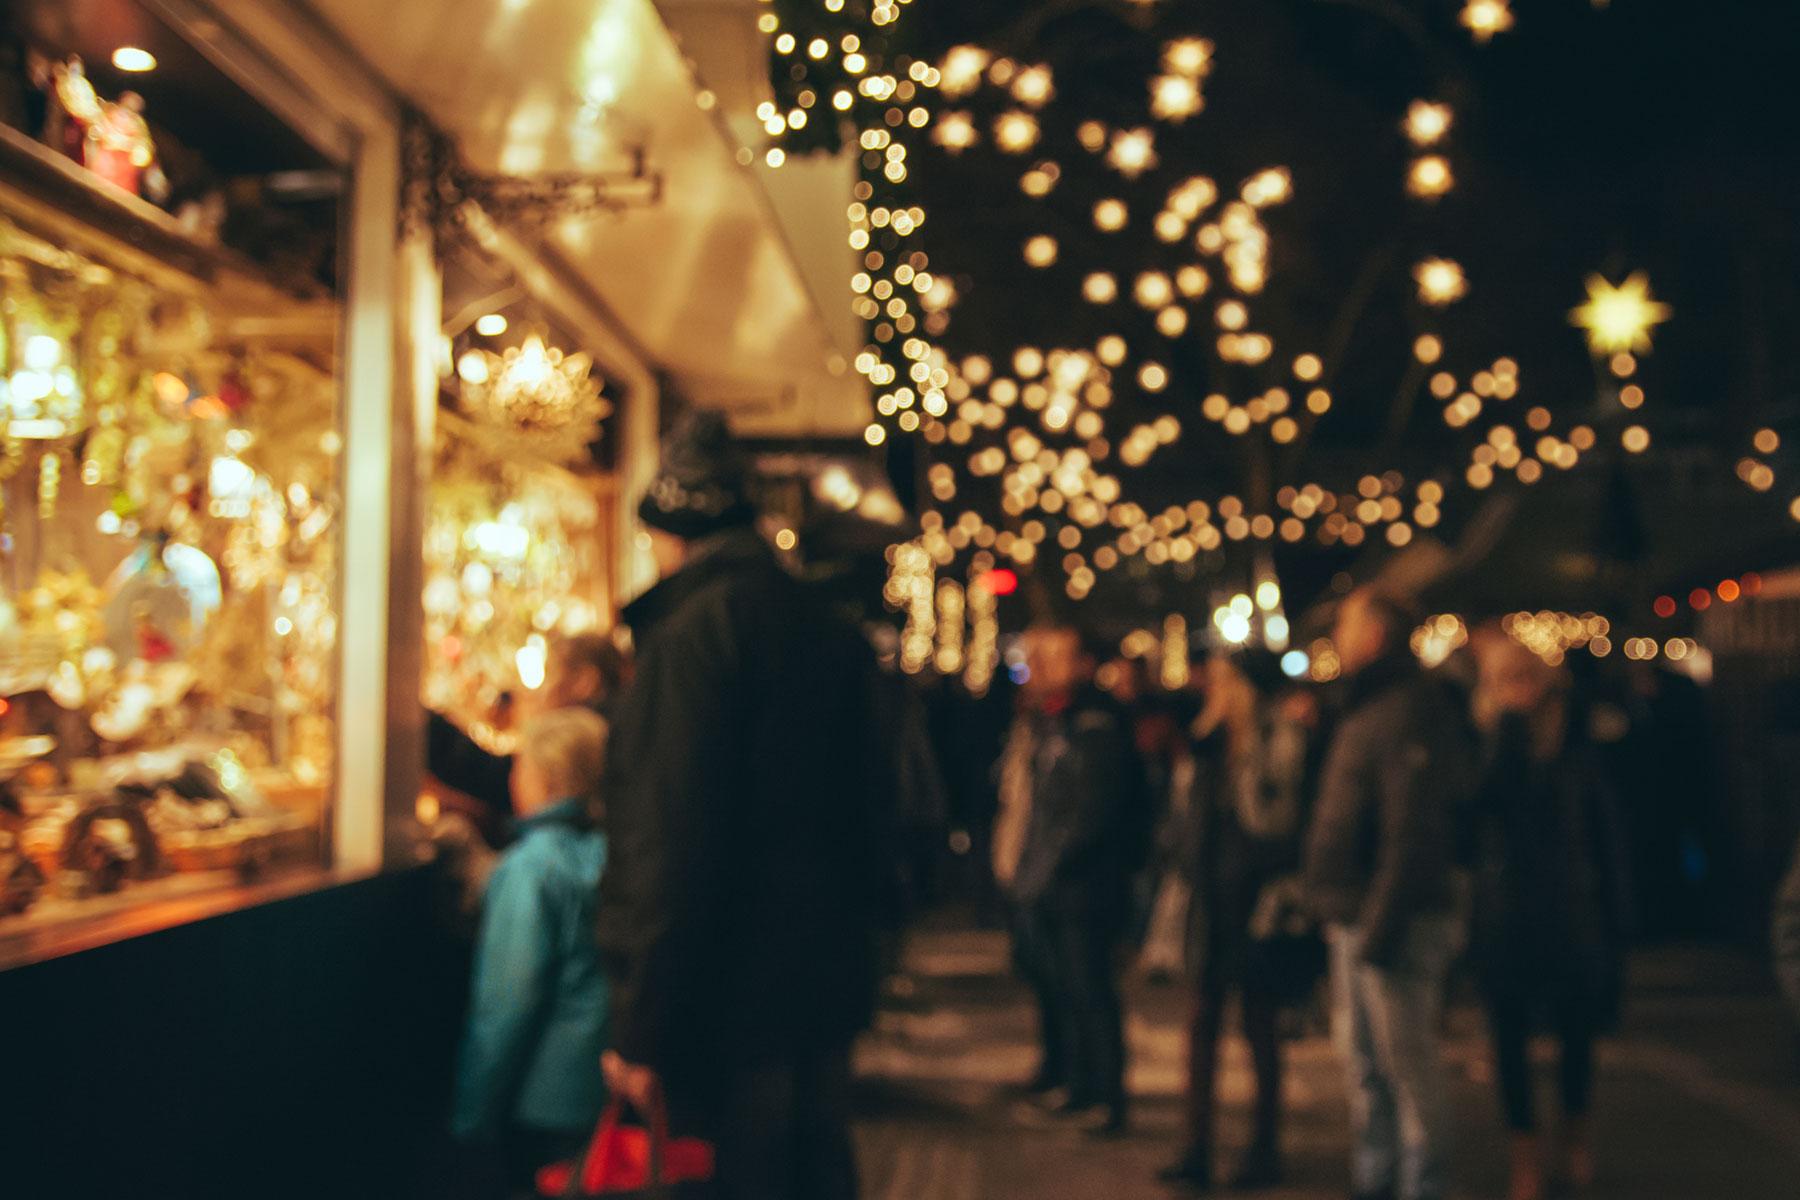 Soest Weihnachtsmarkt.Weihnachtsmarkt Soest Busreisen Stiehl Nrw Kleve